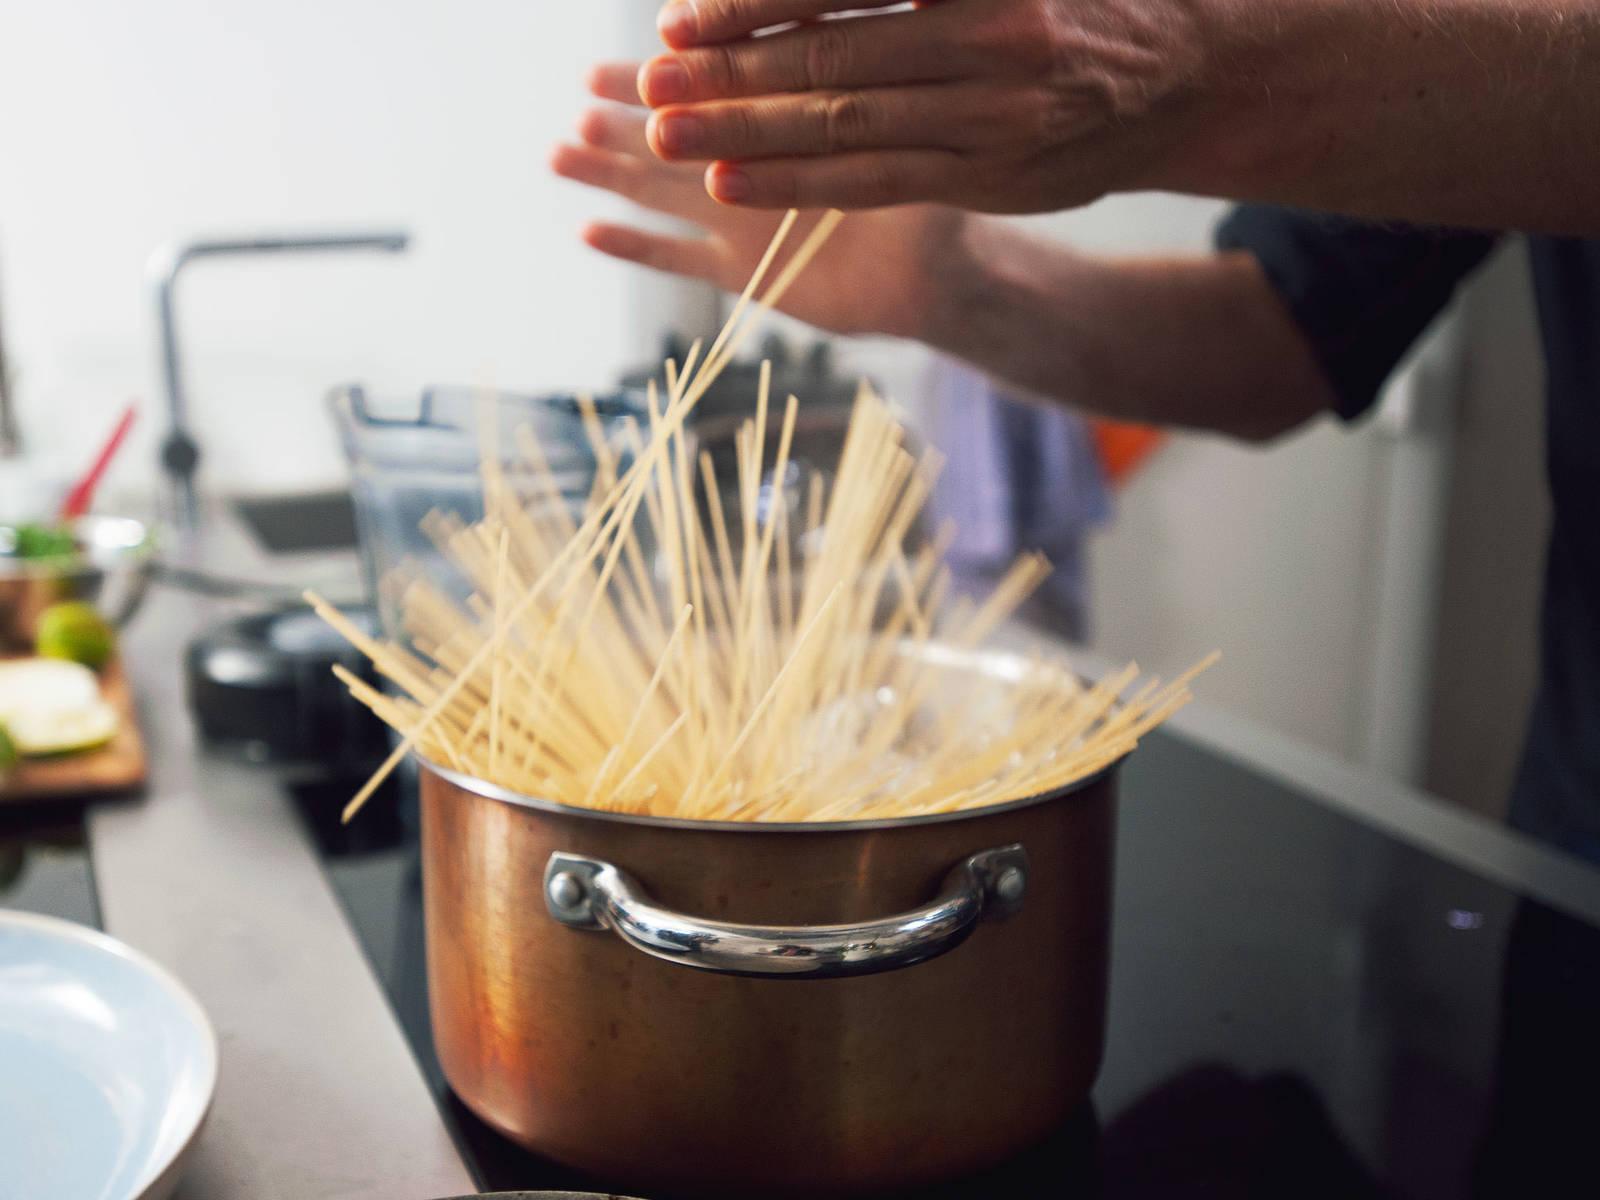 中大火煮开水,加盐,下面。中火煮8到10分钟左右,面有嚼劲时最佳。